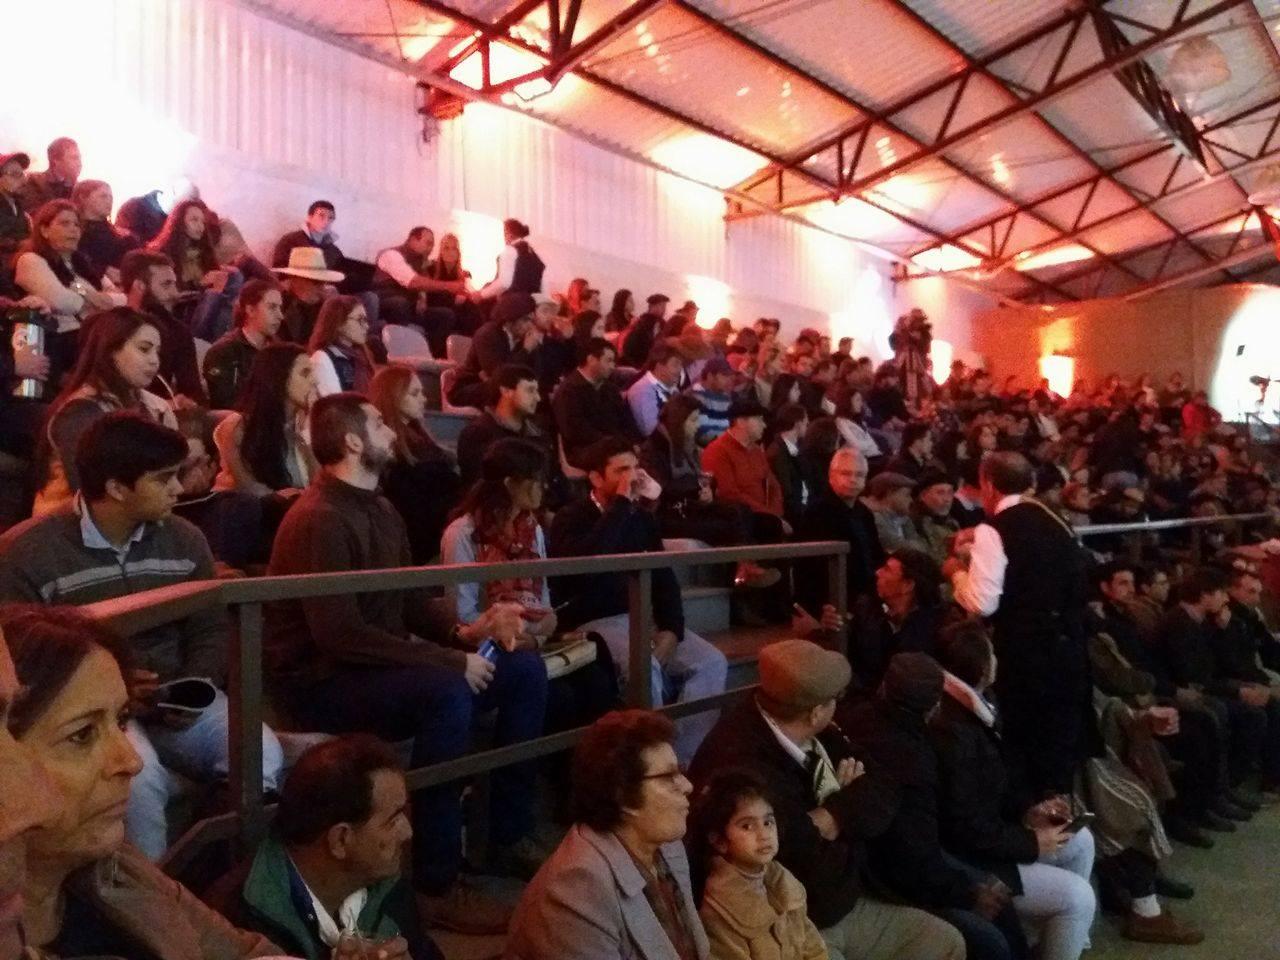 Público lotou o recinto de leilões no aniversário da Basca